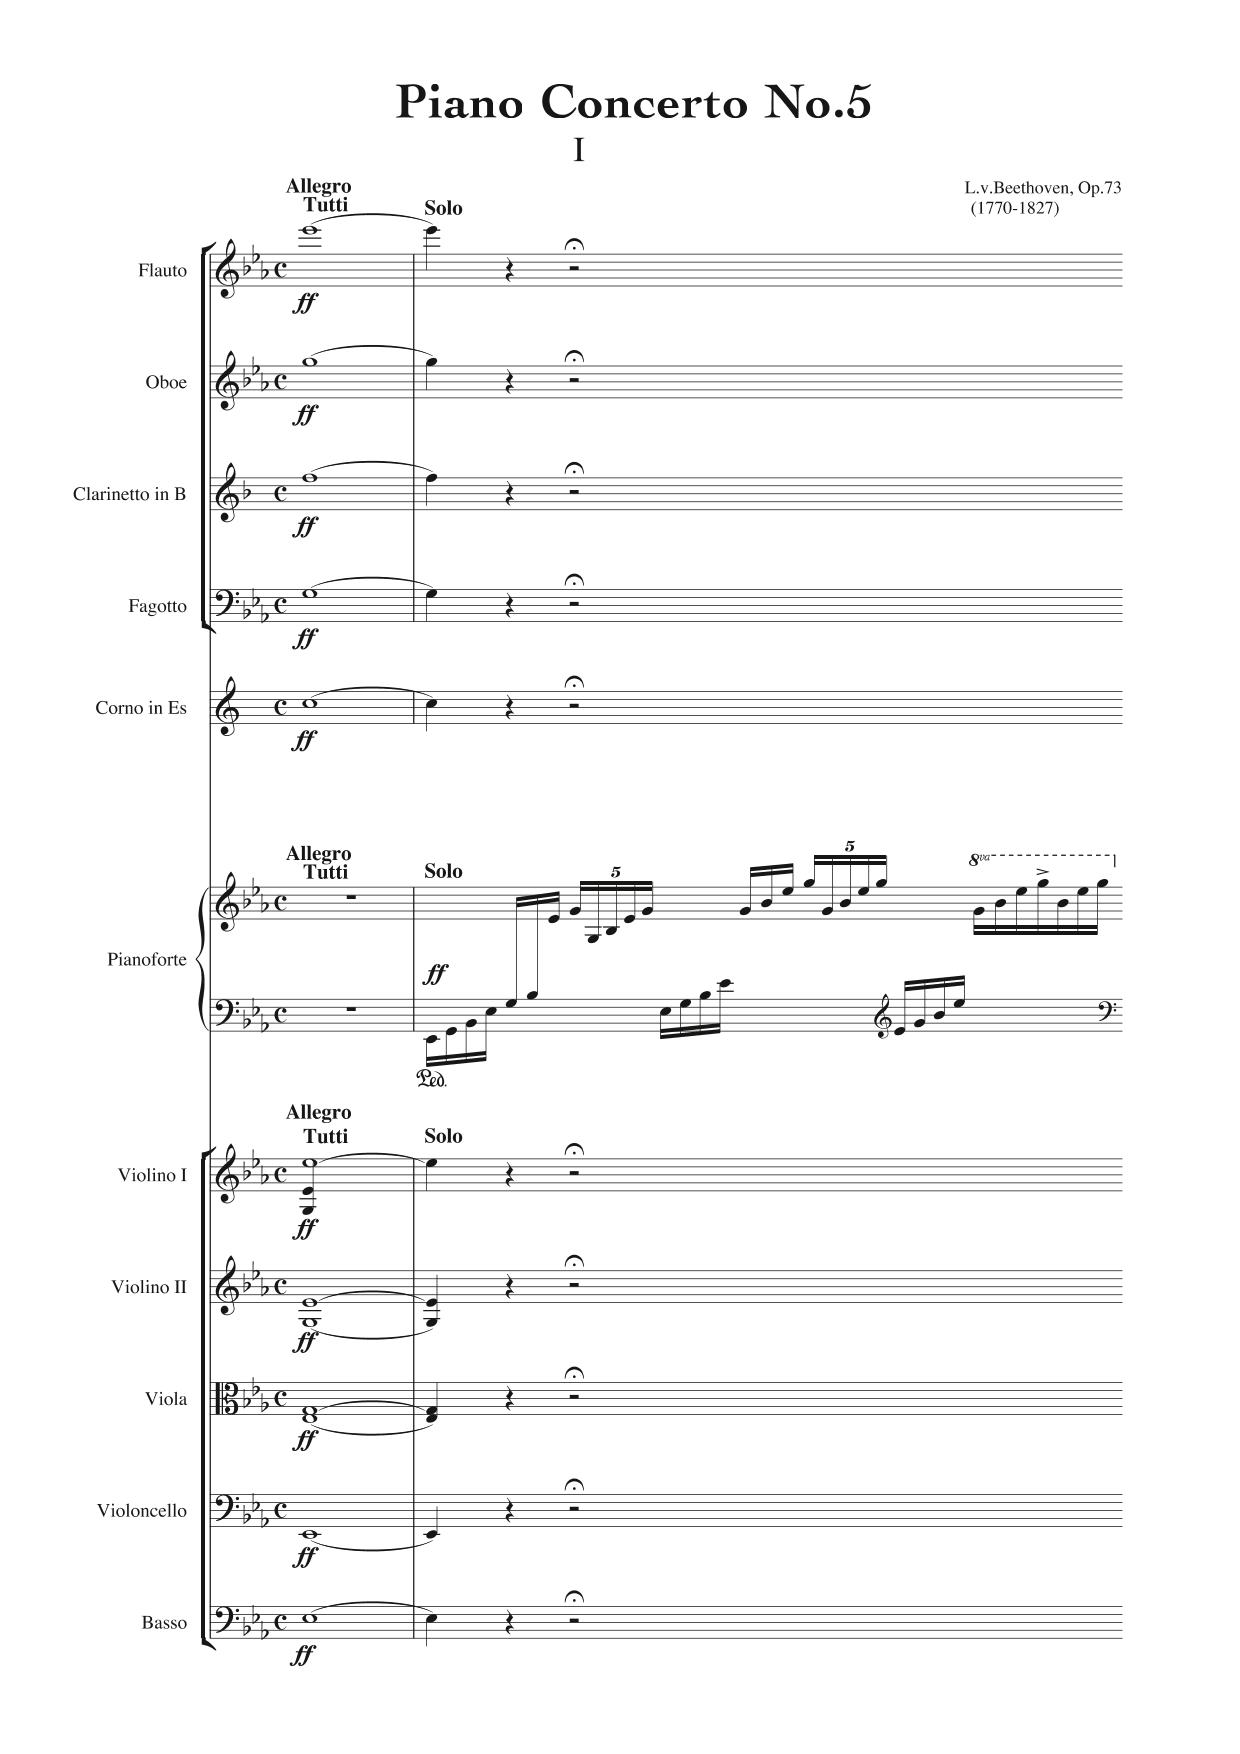 Beethoven Piano Concerto No. 5